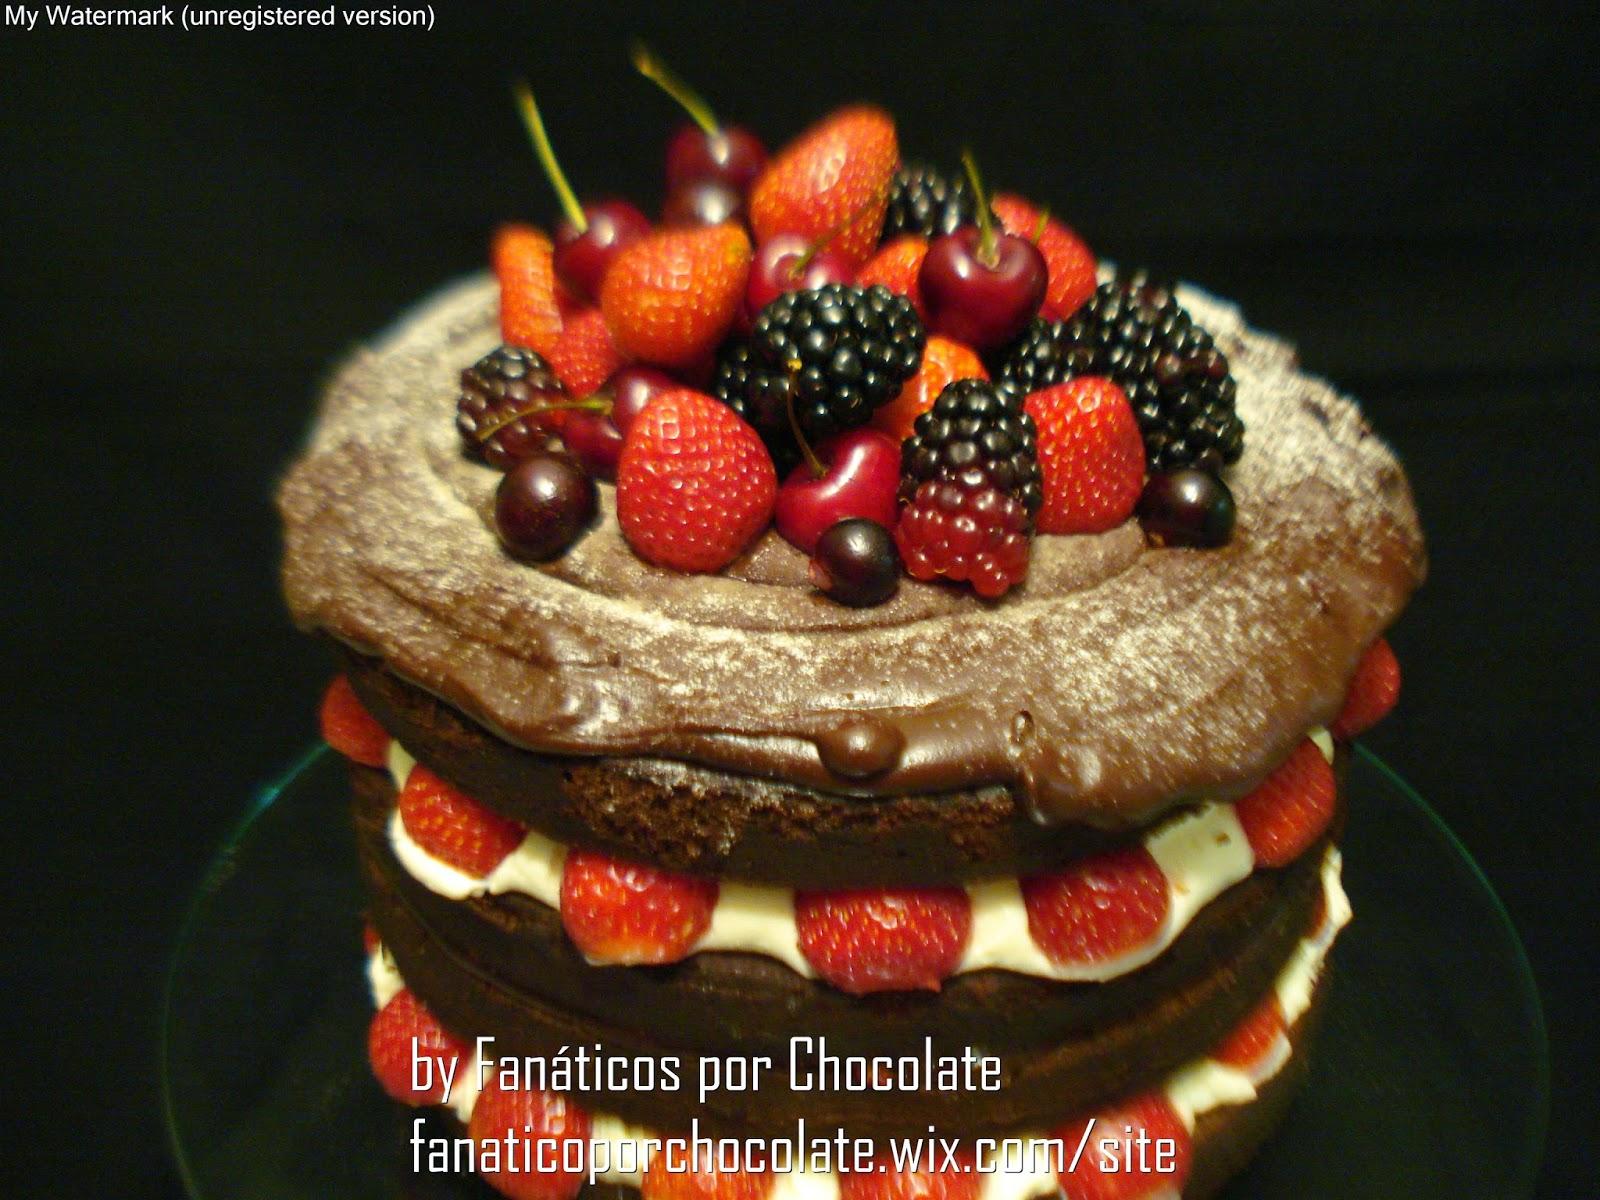 naked-cake-de-frutas-vermelhas - Confeitaria OnLine Oficial